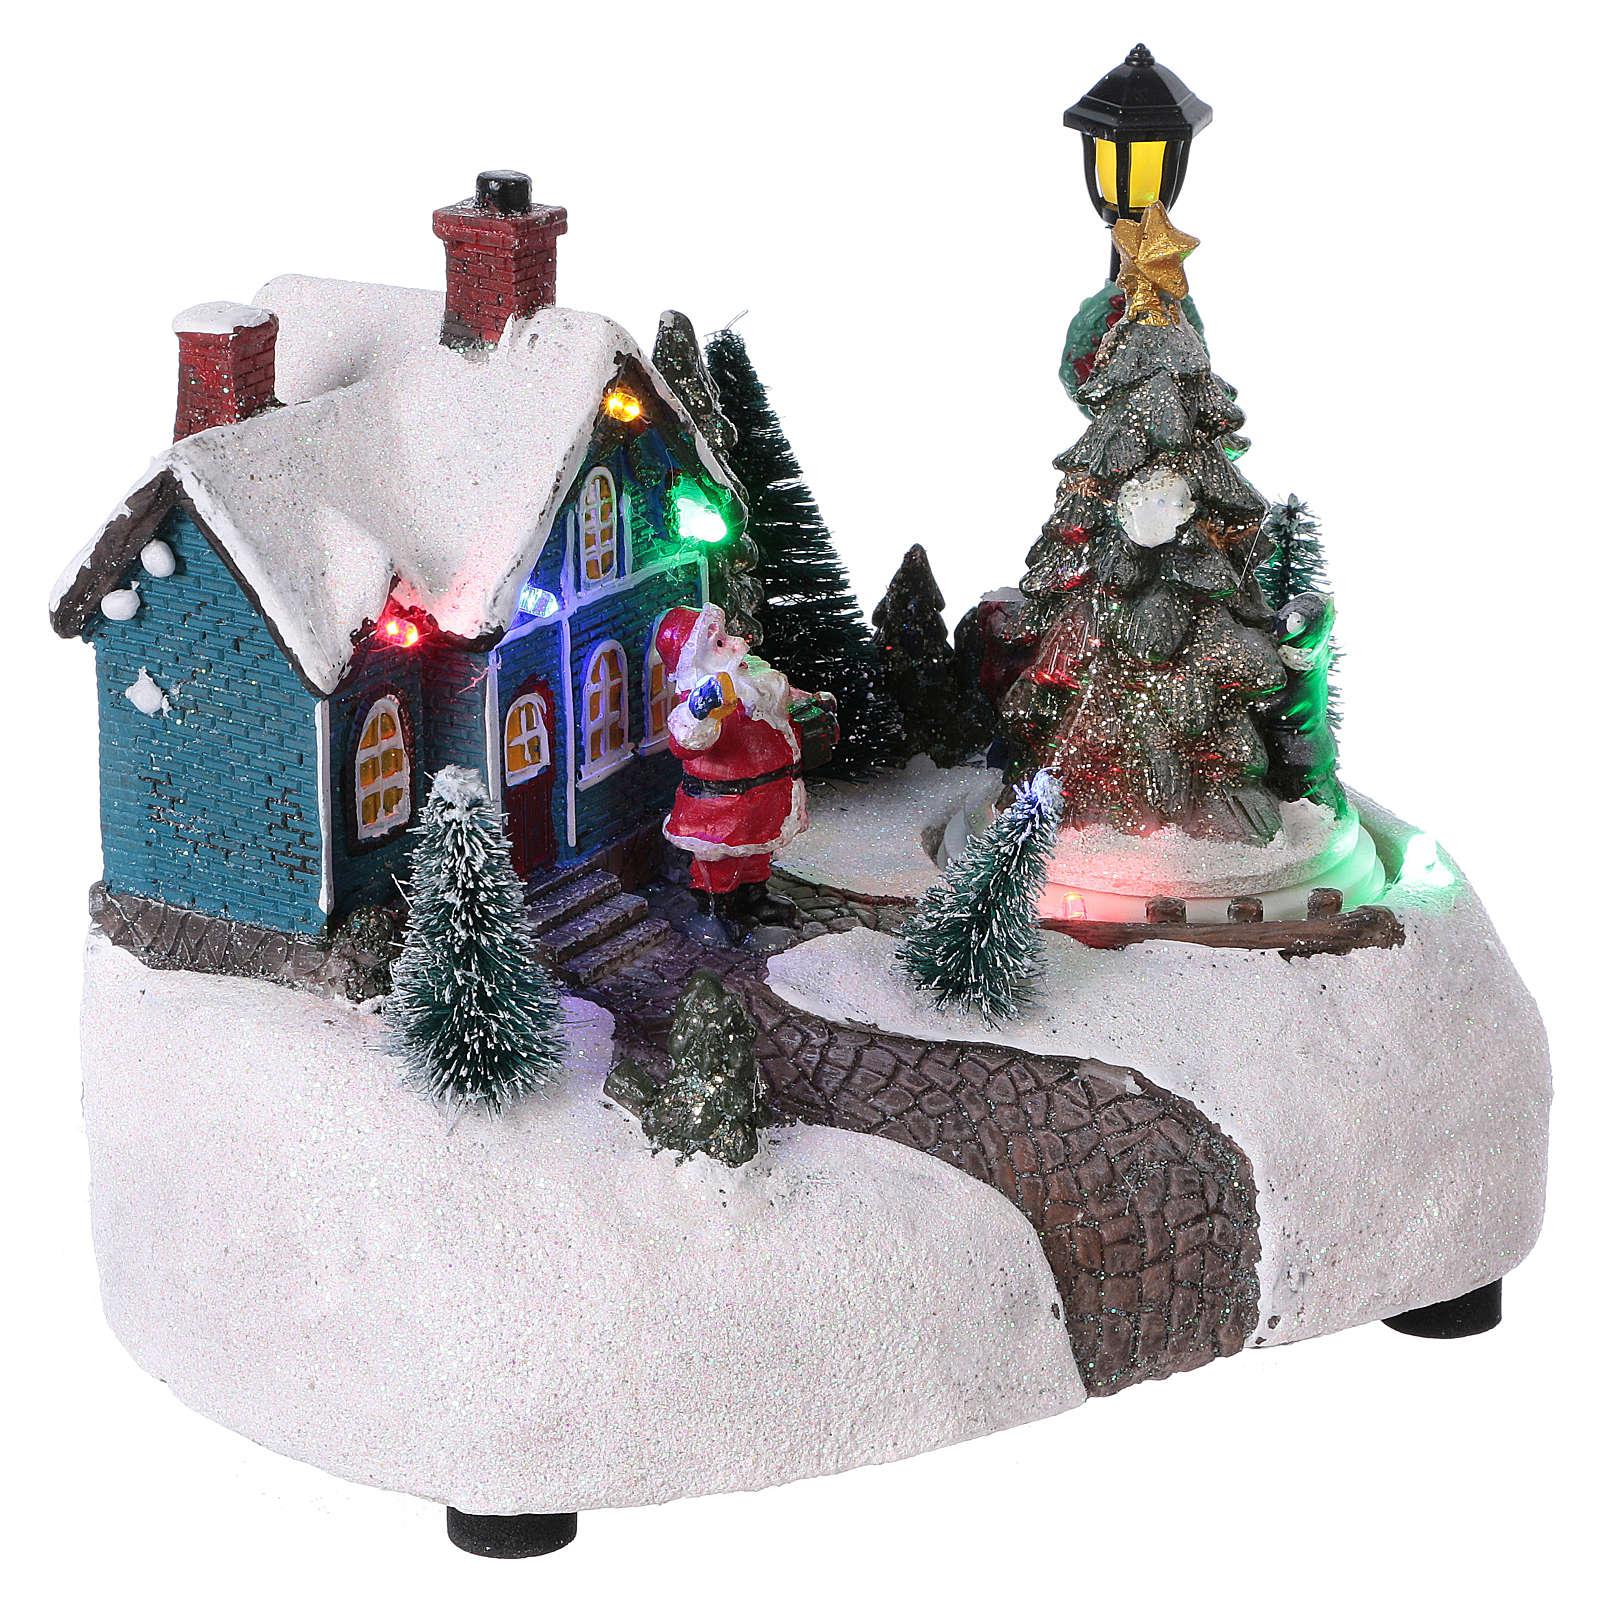 Village de Noël 15x20x10 cm avec sapin en mouvement piles 3